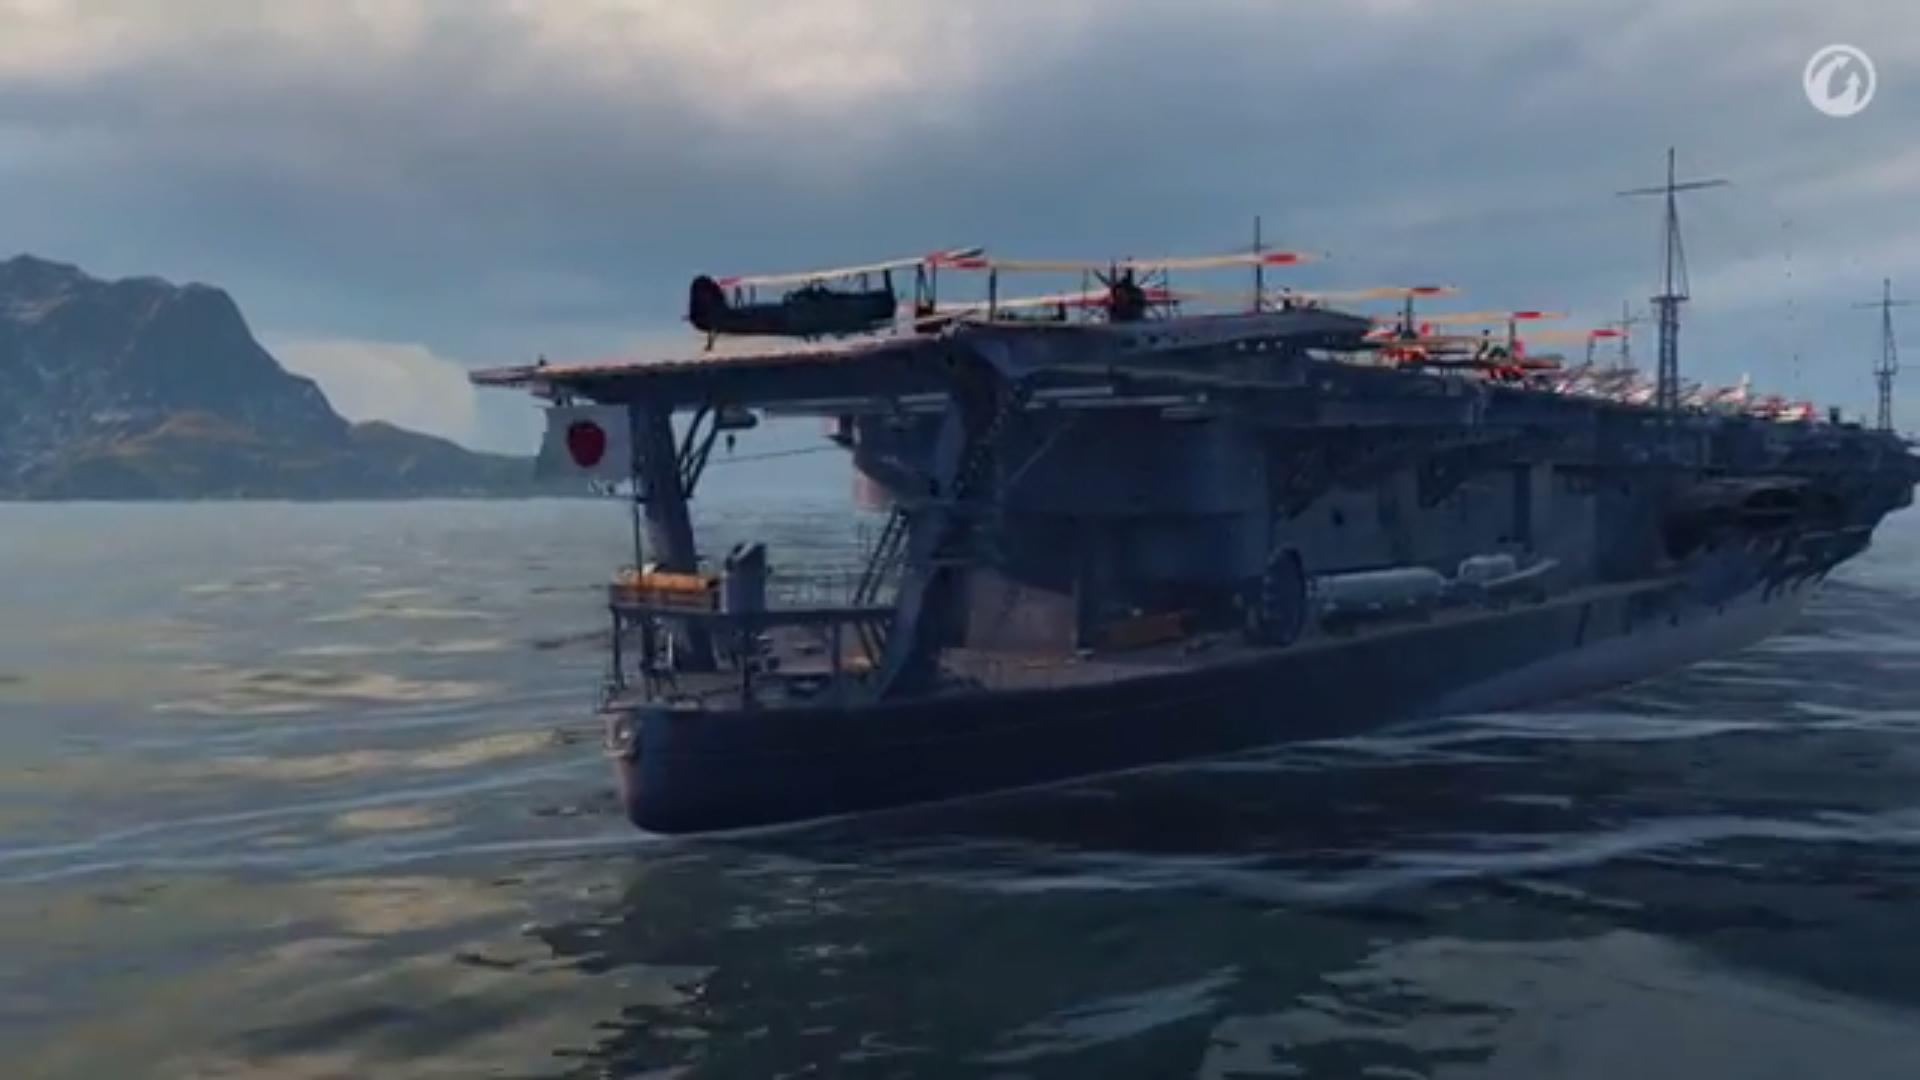 画像集 005 World Of Warships 開発者日記の第5弾を公開 巡洋艦